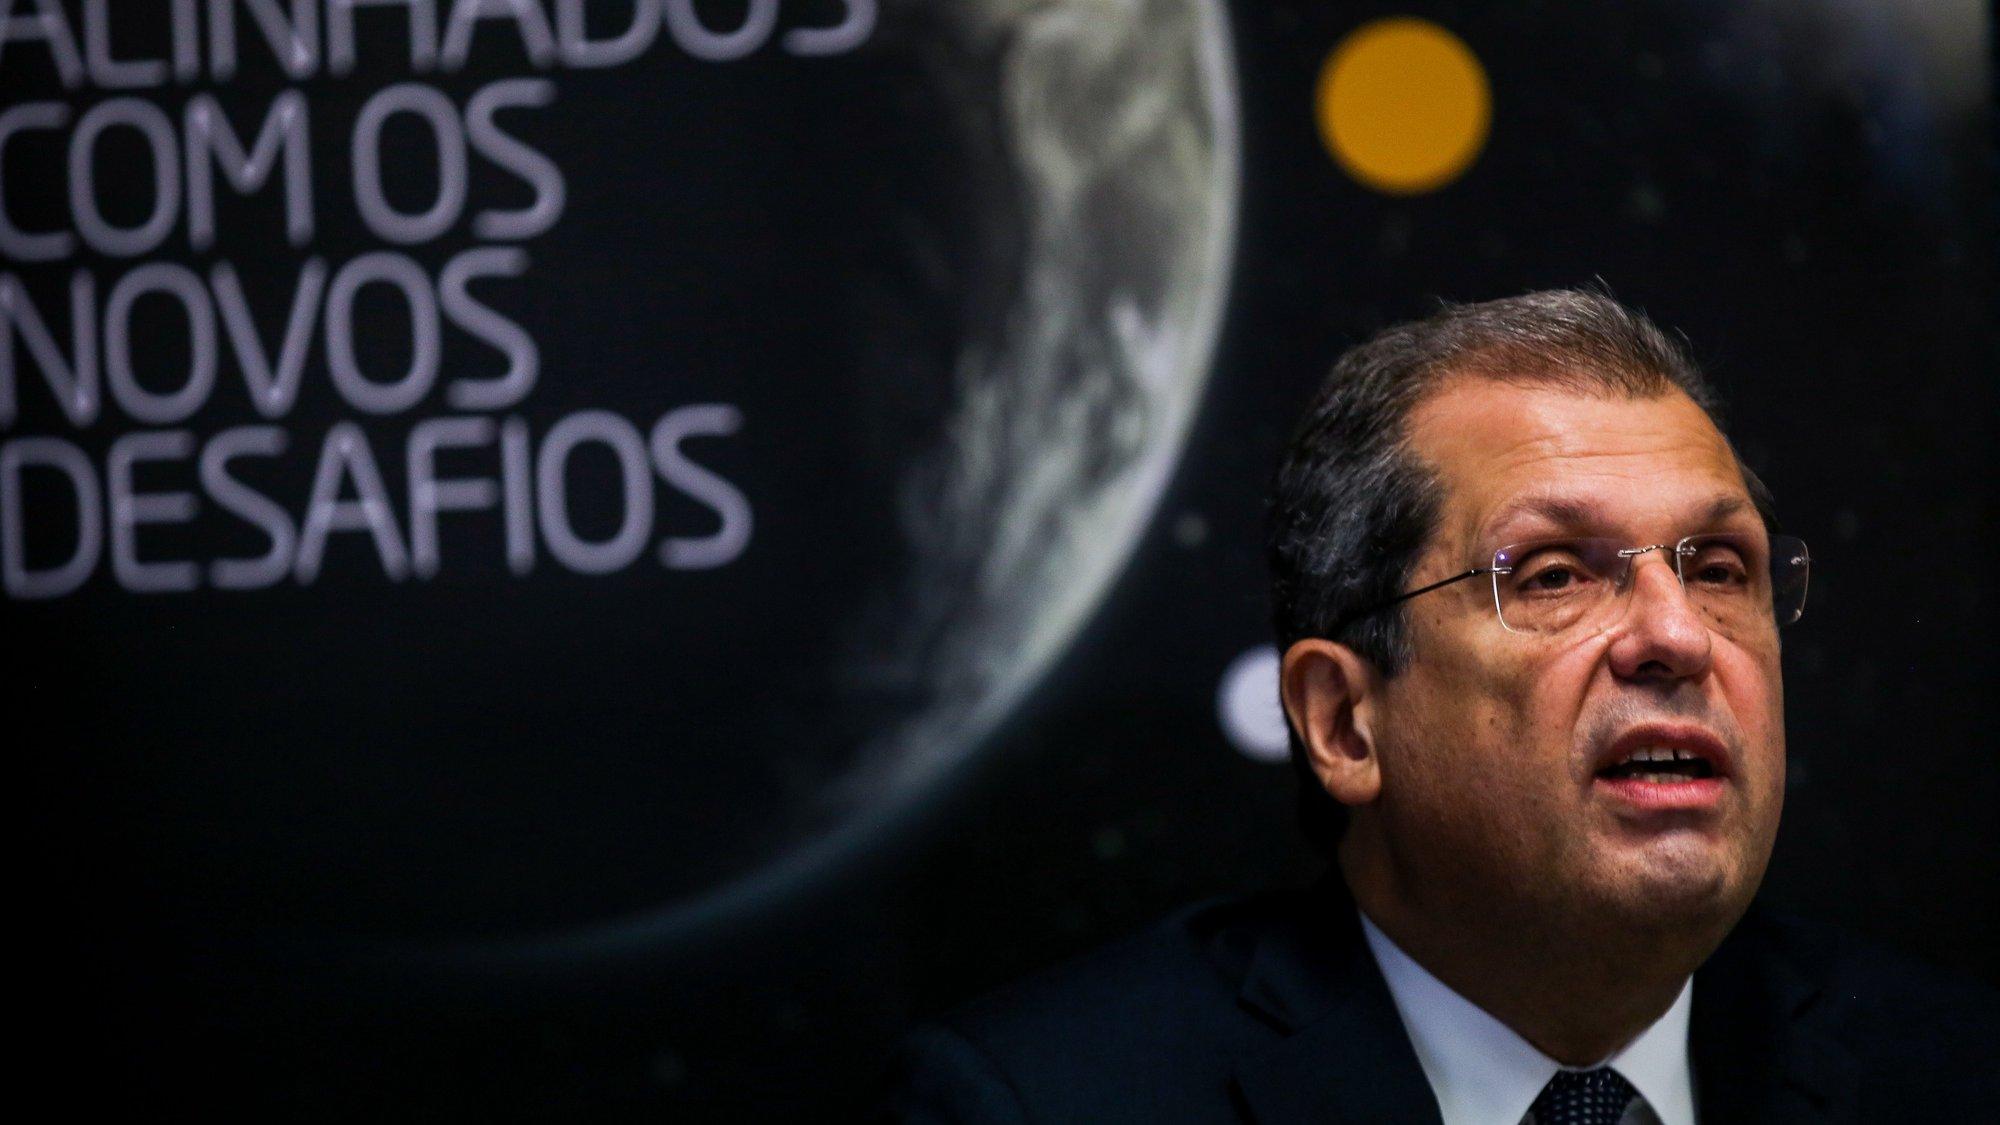 O presidente da ANACOM, João Cadete de Matos, durante a conferência de imprensa para a apresentação do regulamento do leilão do 5G, em Lisboa, 05 de novembro de 2020. NUNO FOX/LUSA